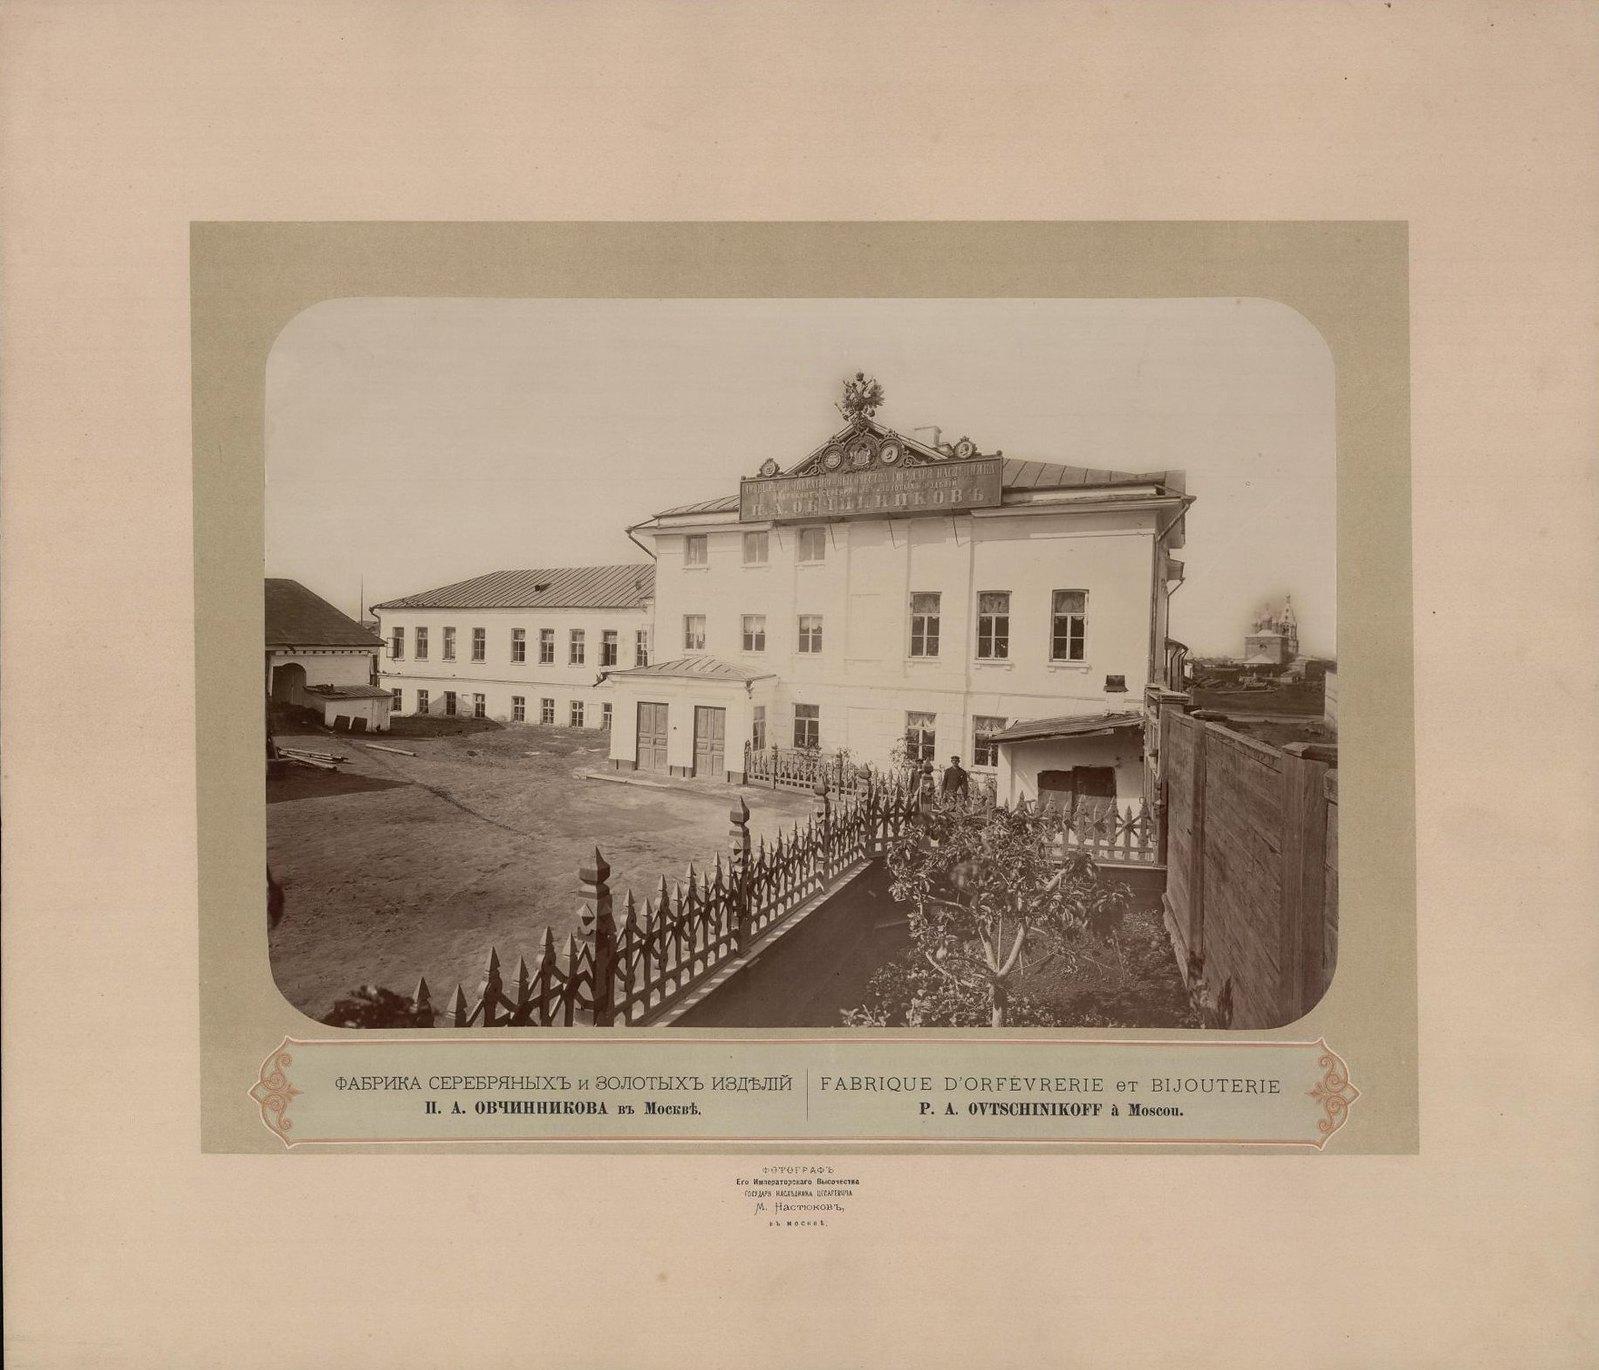 Здание фабрики серебряных и золотых изделий